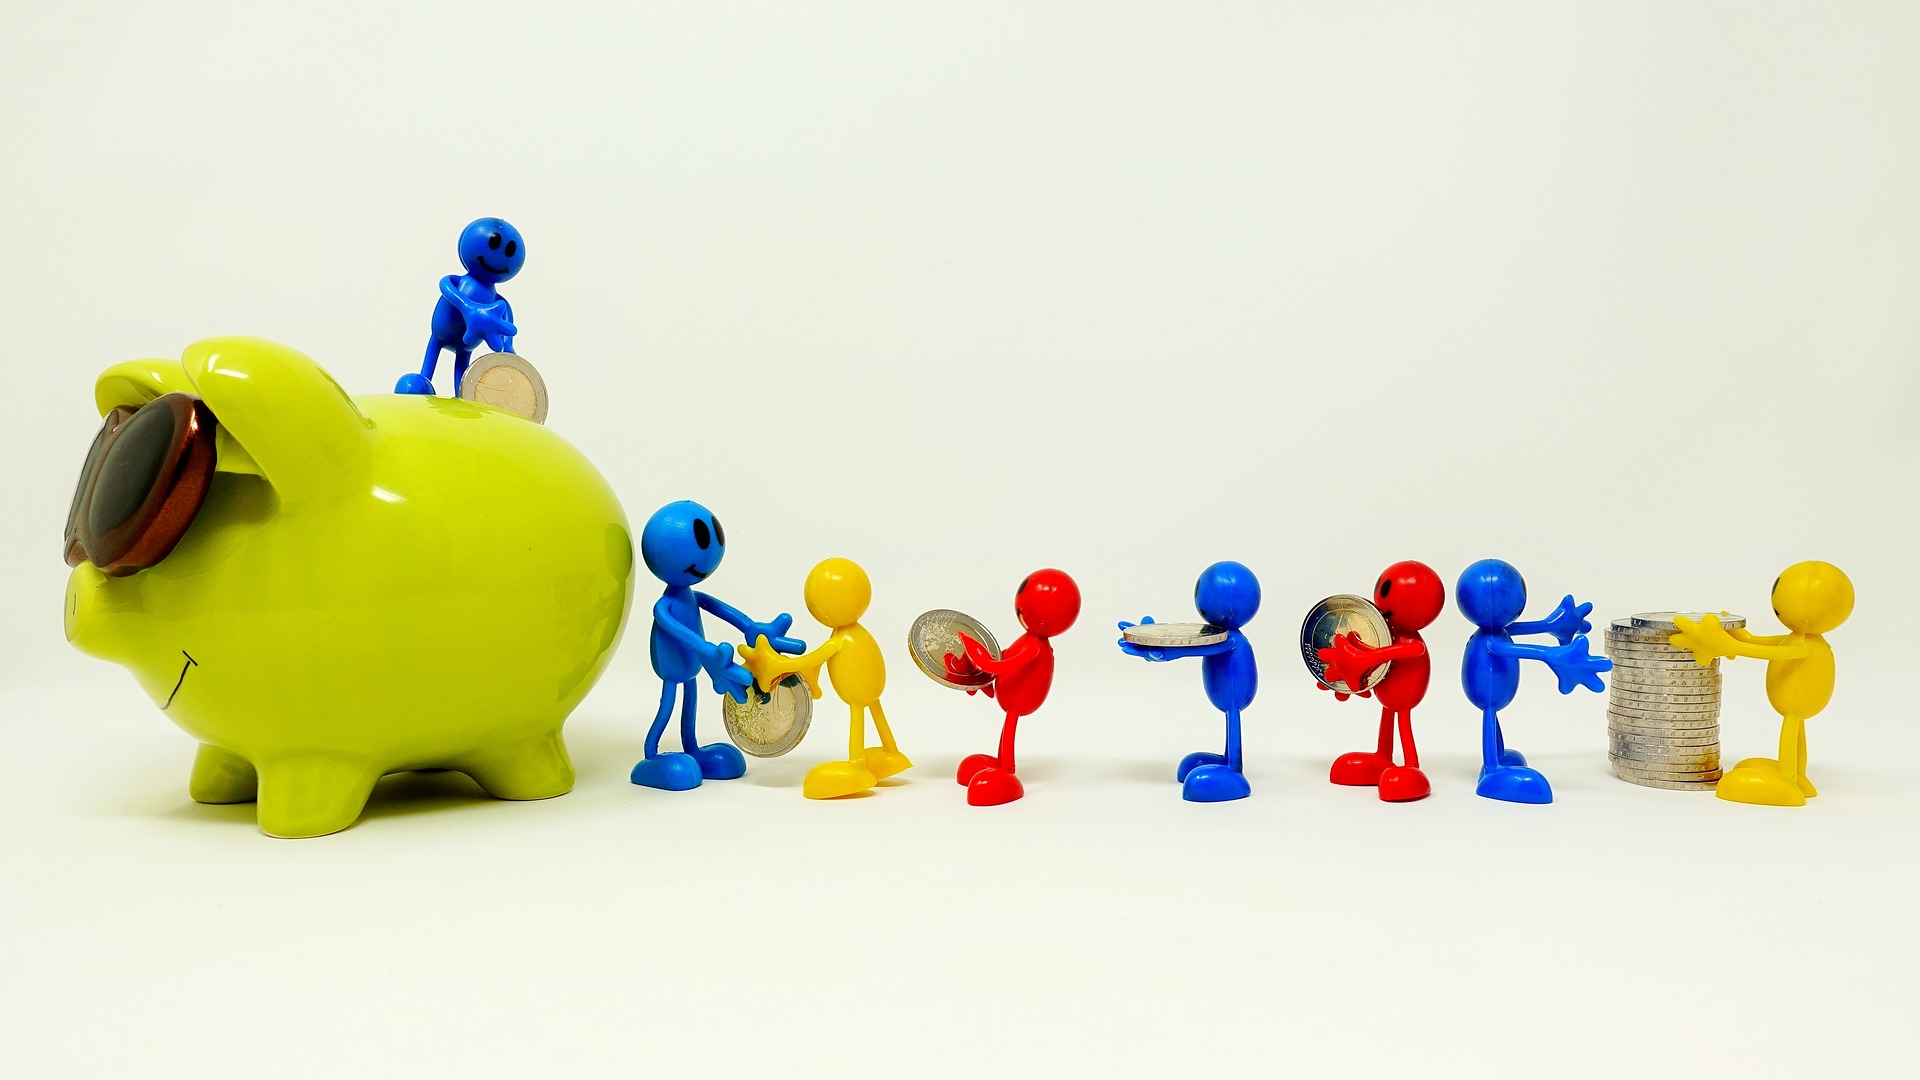 Na czym polega refinansowanie pożyczki?